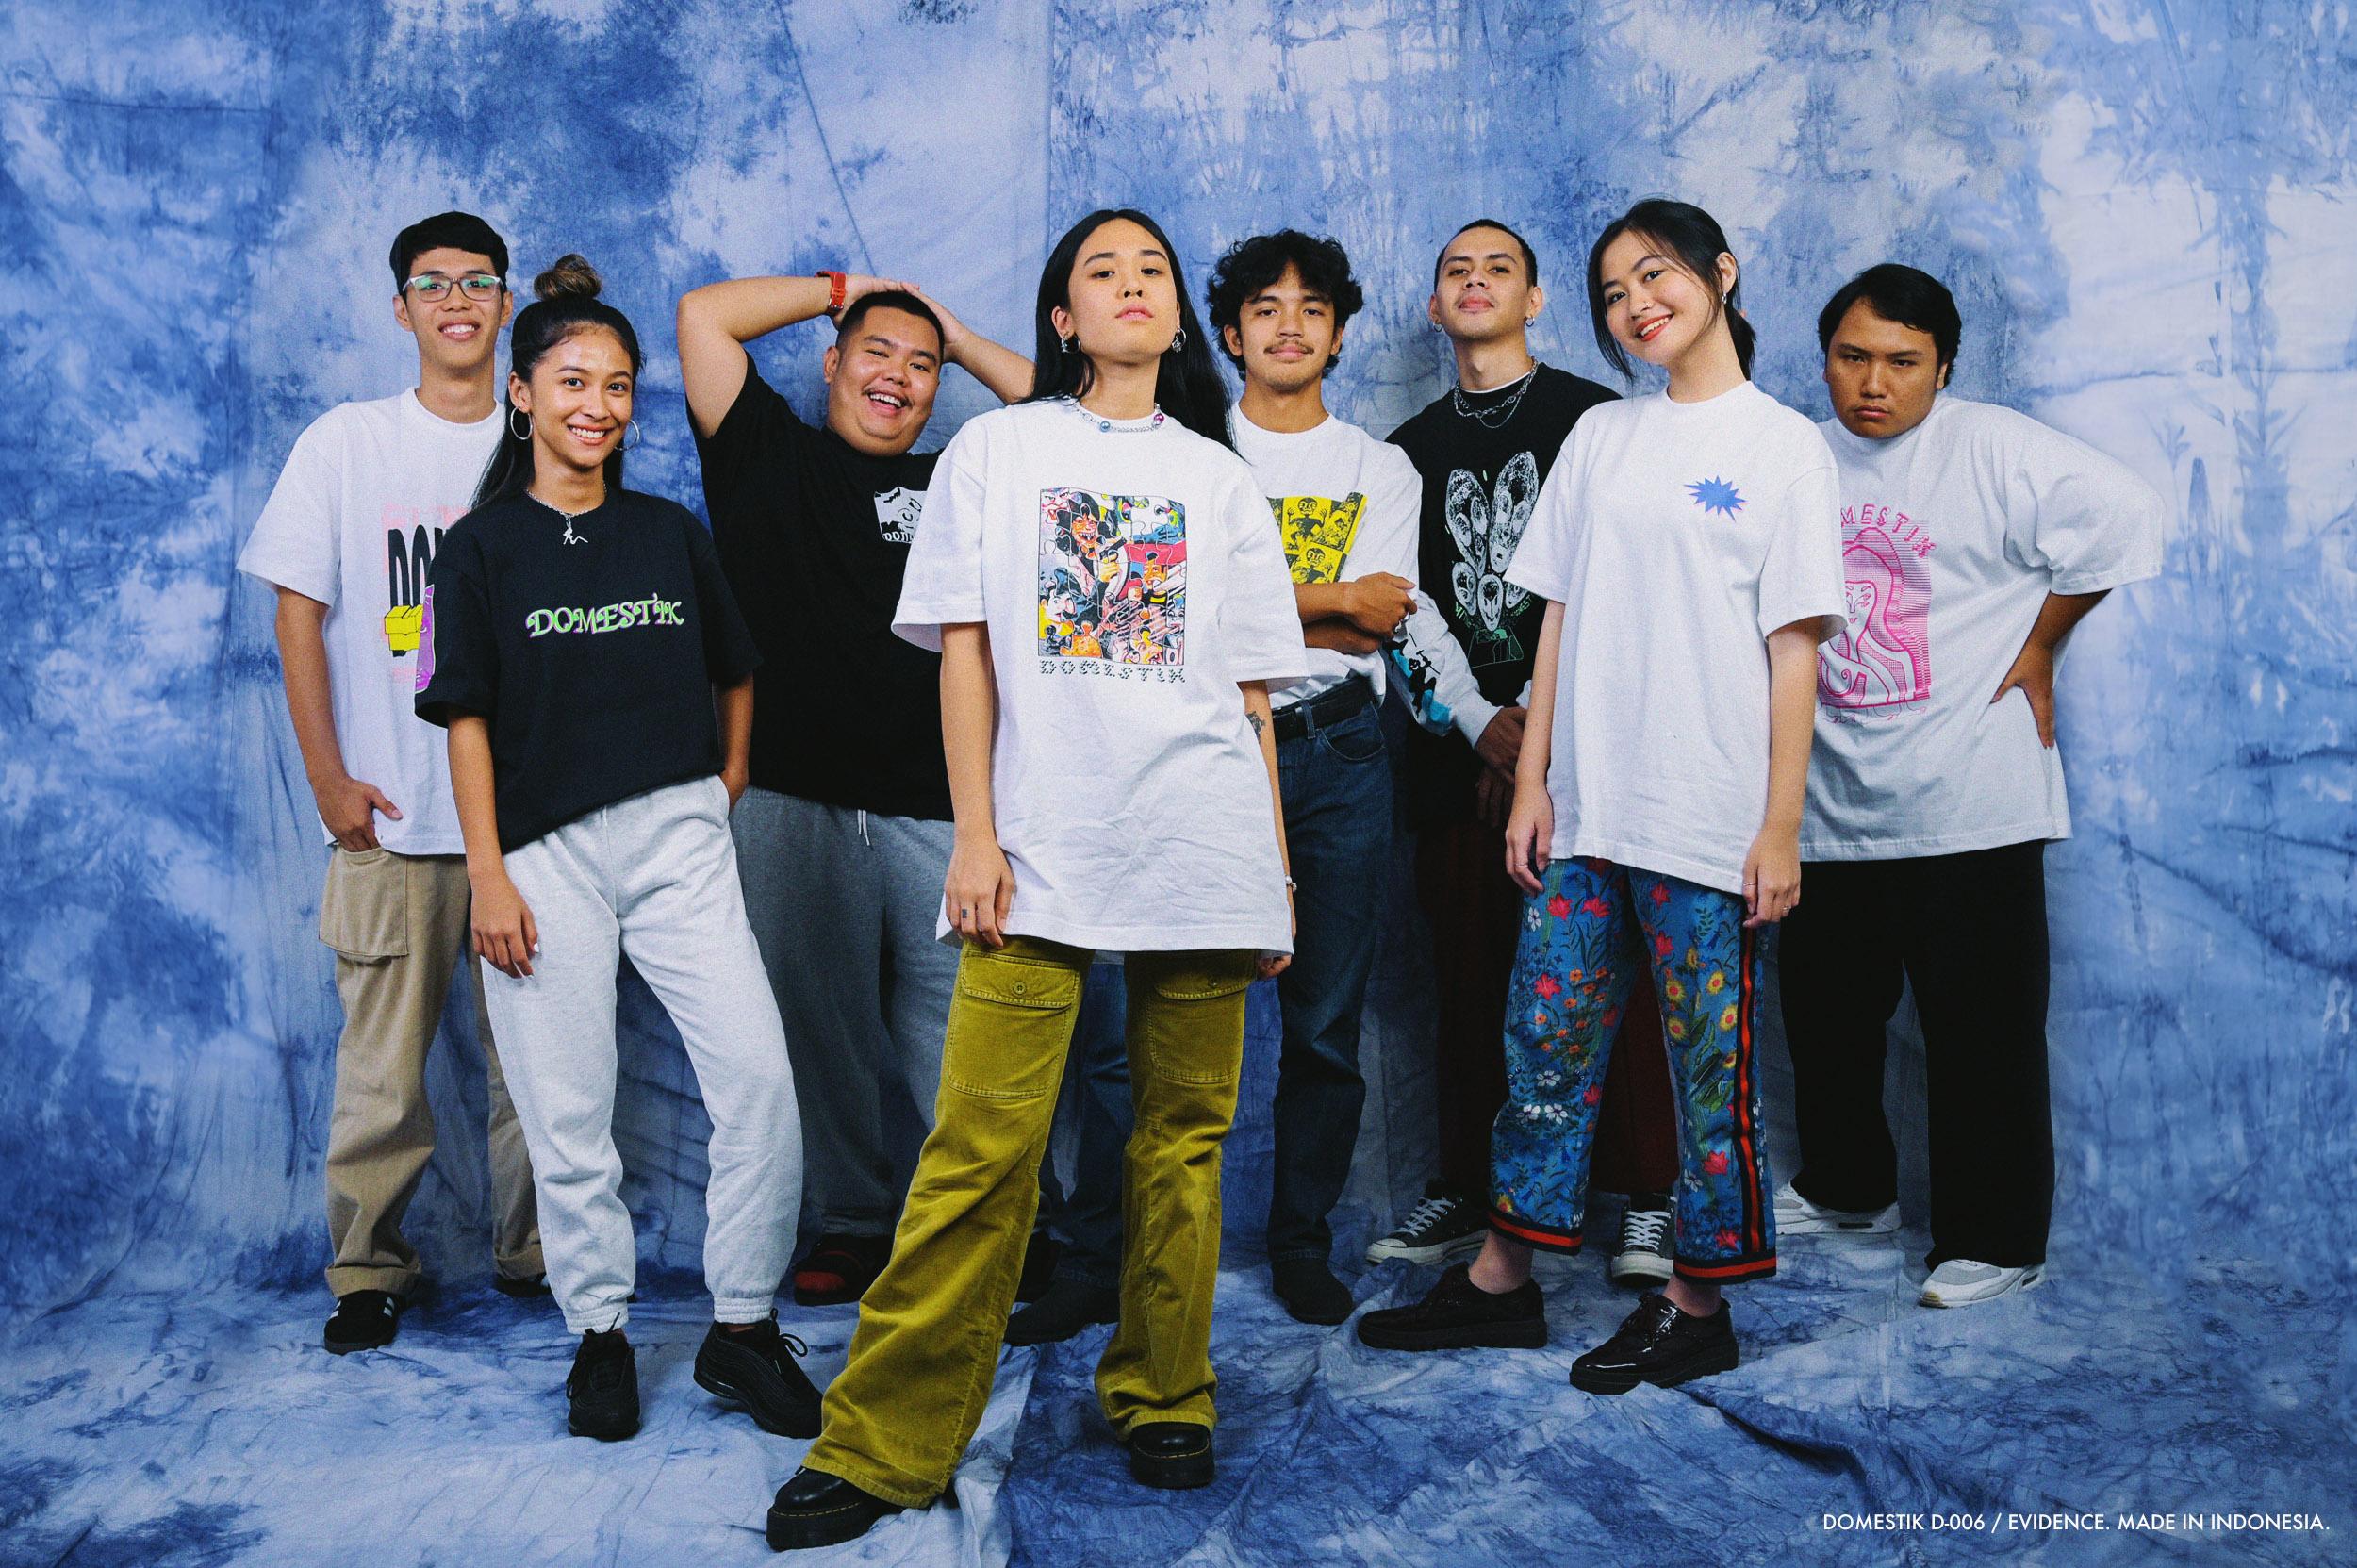 D-006 Lookbook Team